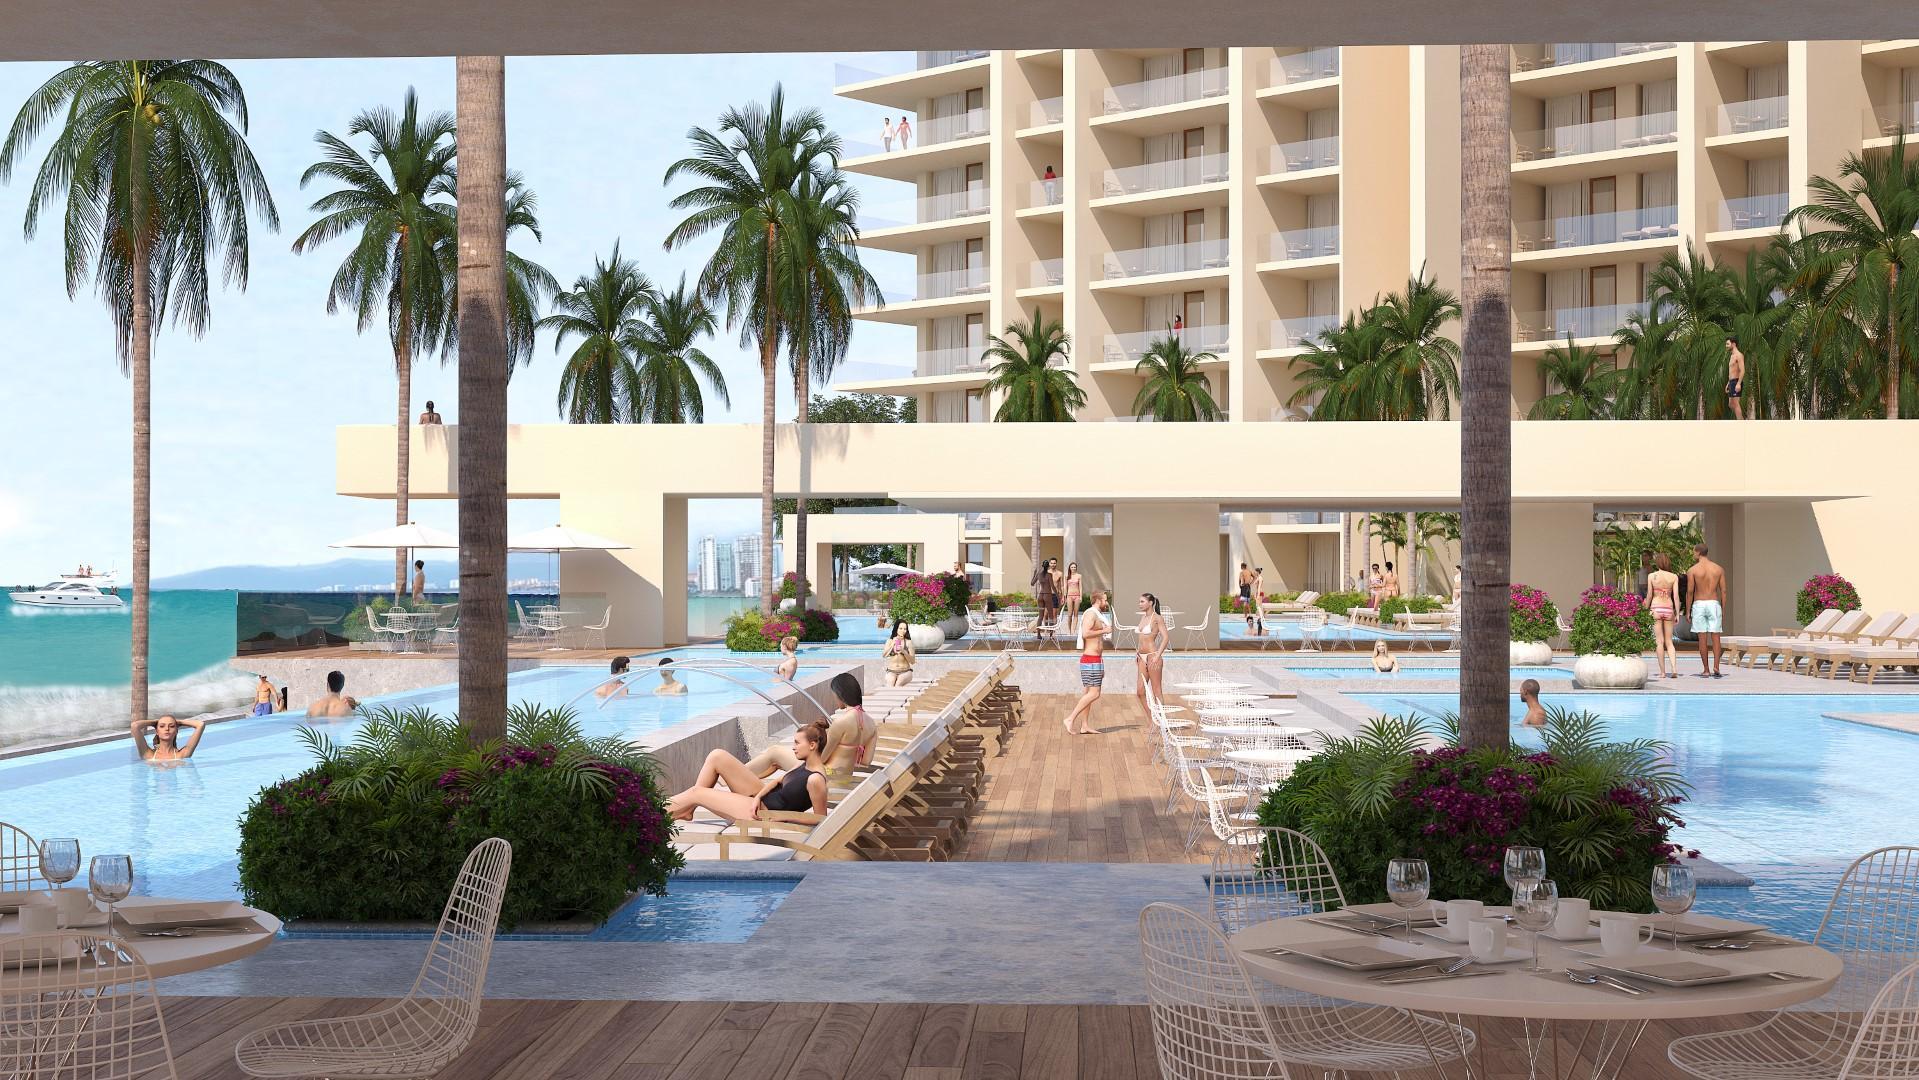 Hotel Zone, 2 Bedrooms Bedrooms, ,2 BathroomsBathrooms,Condo,For Sale,Febronio Uribe,22154